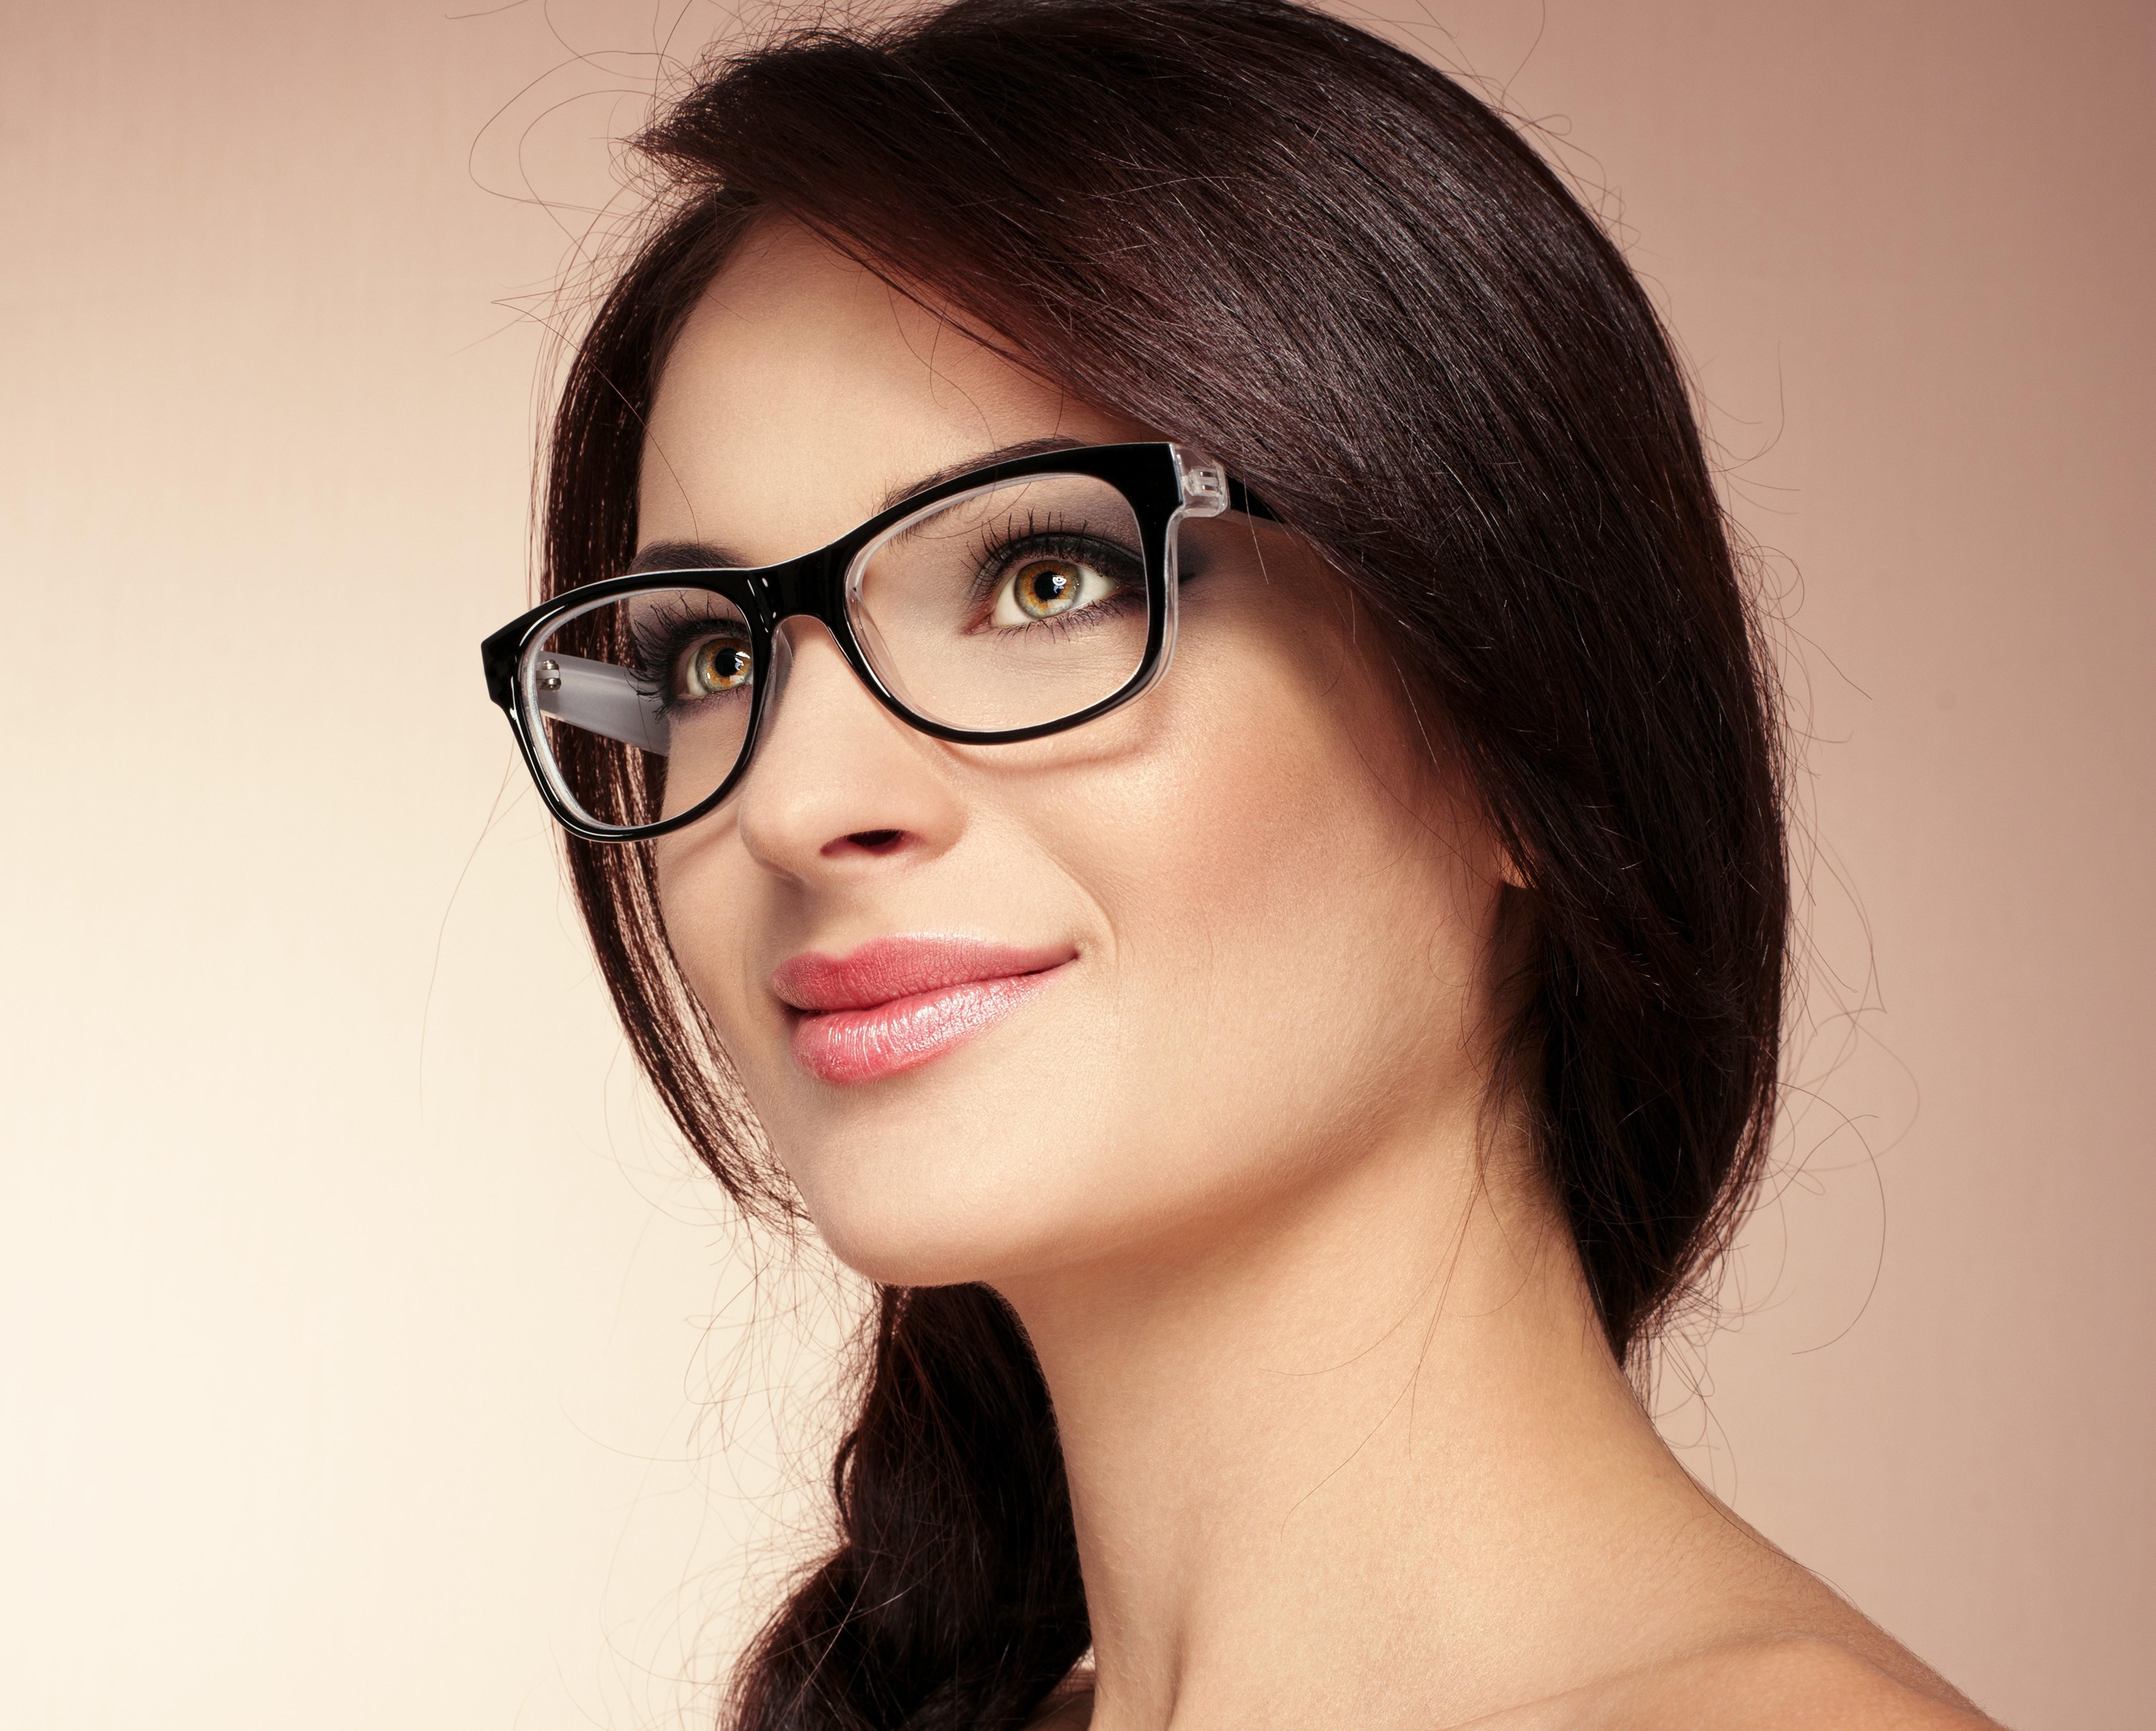 Картинка очки на лице